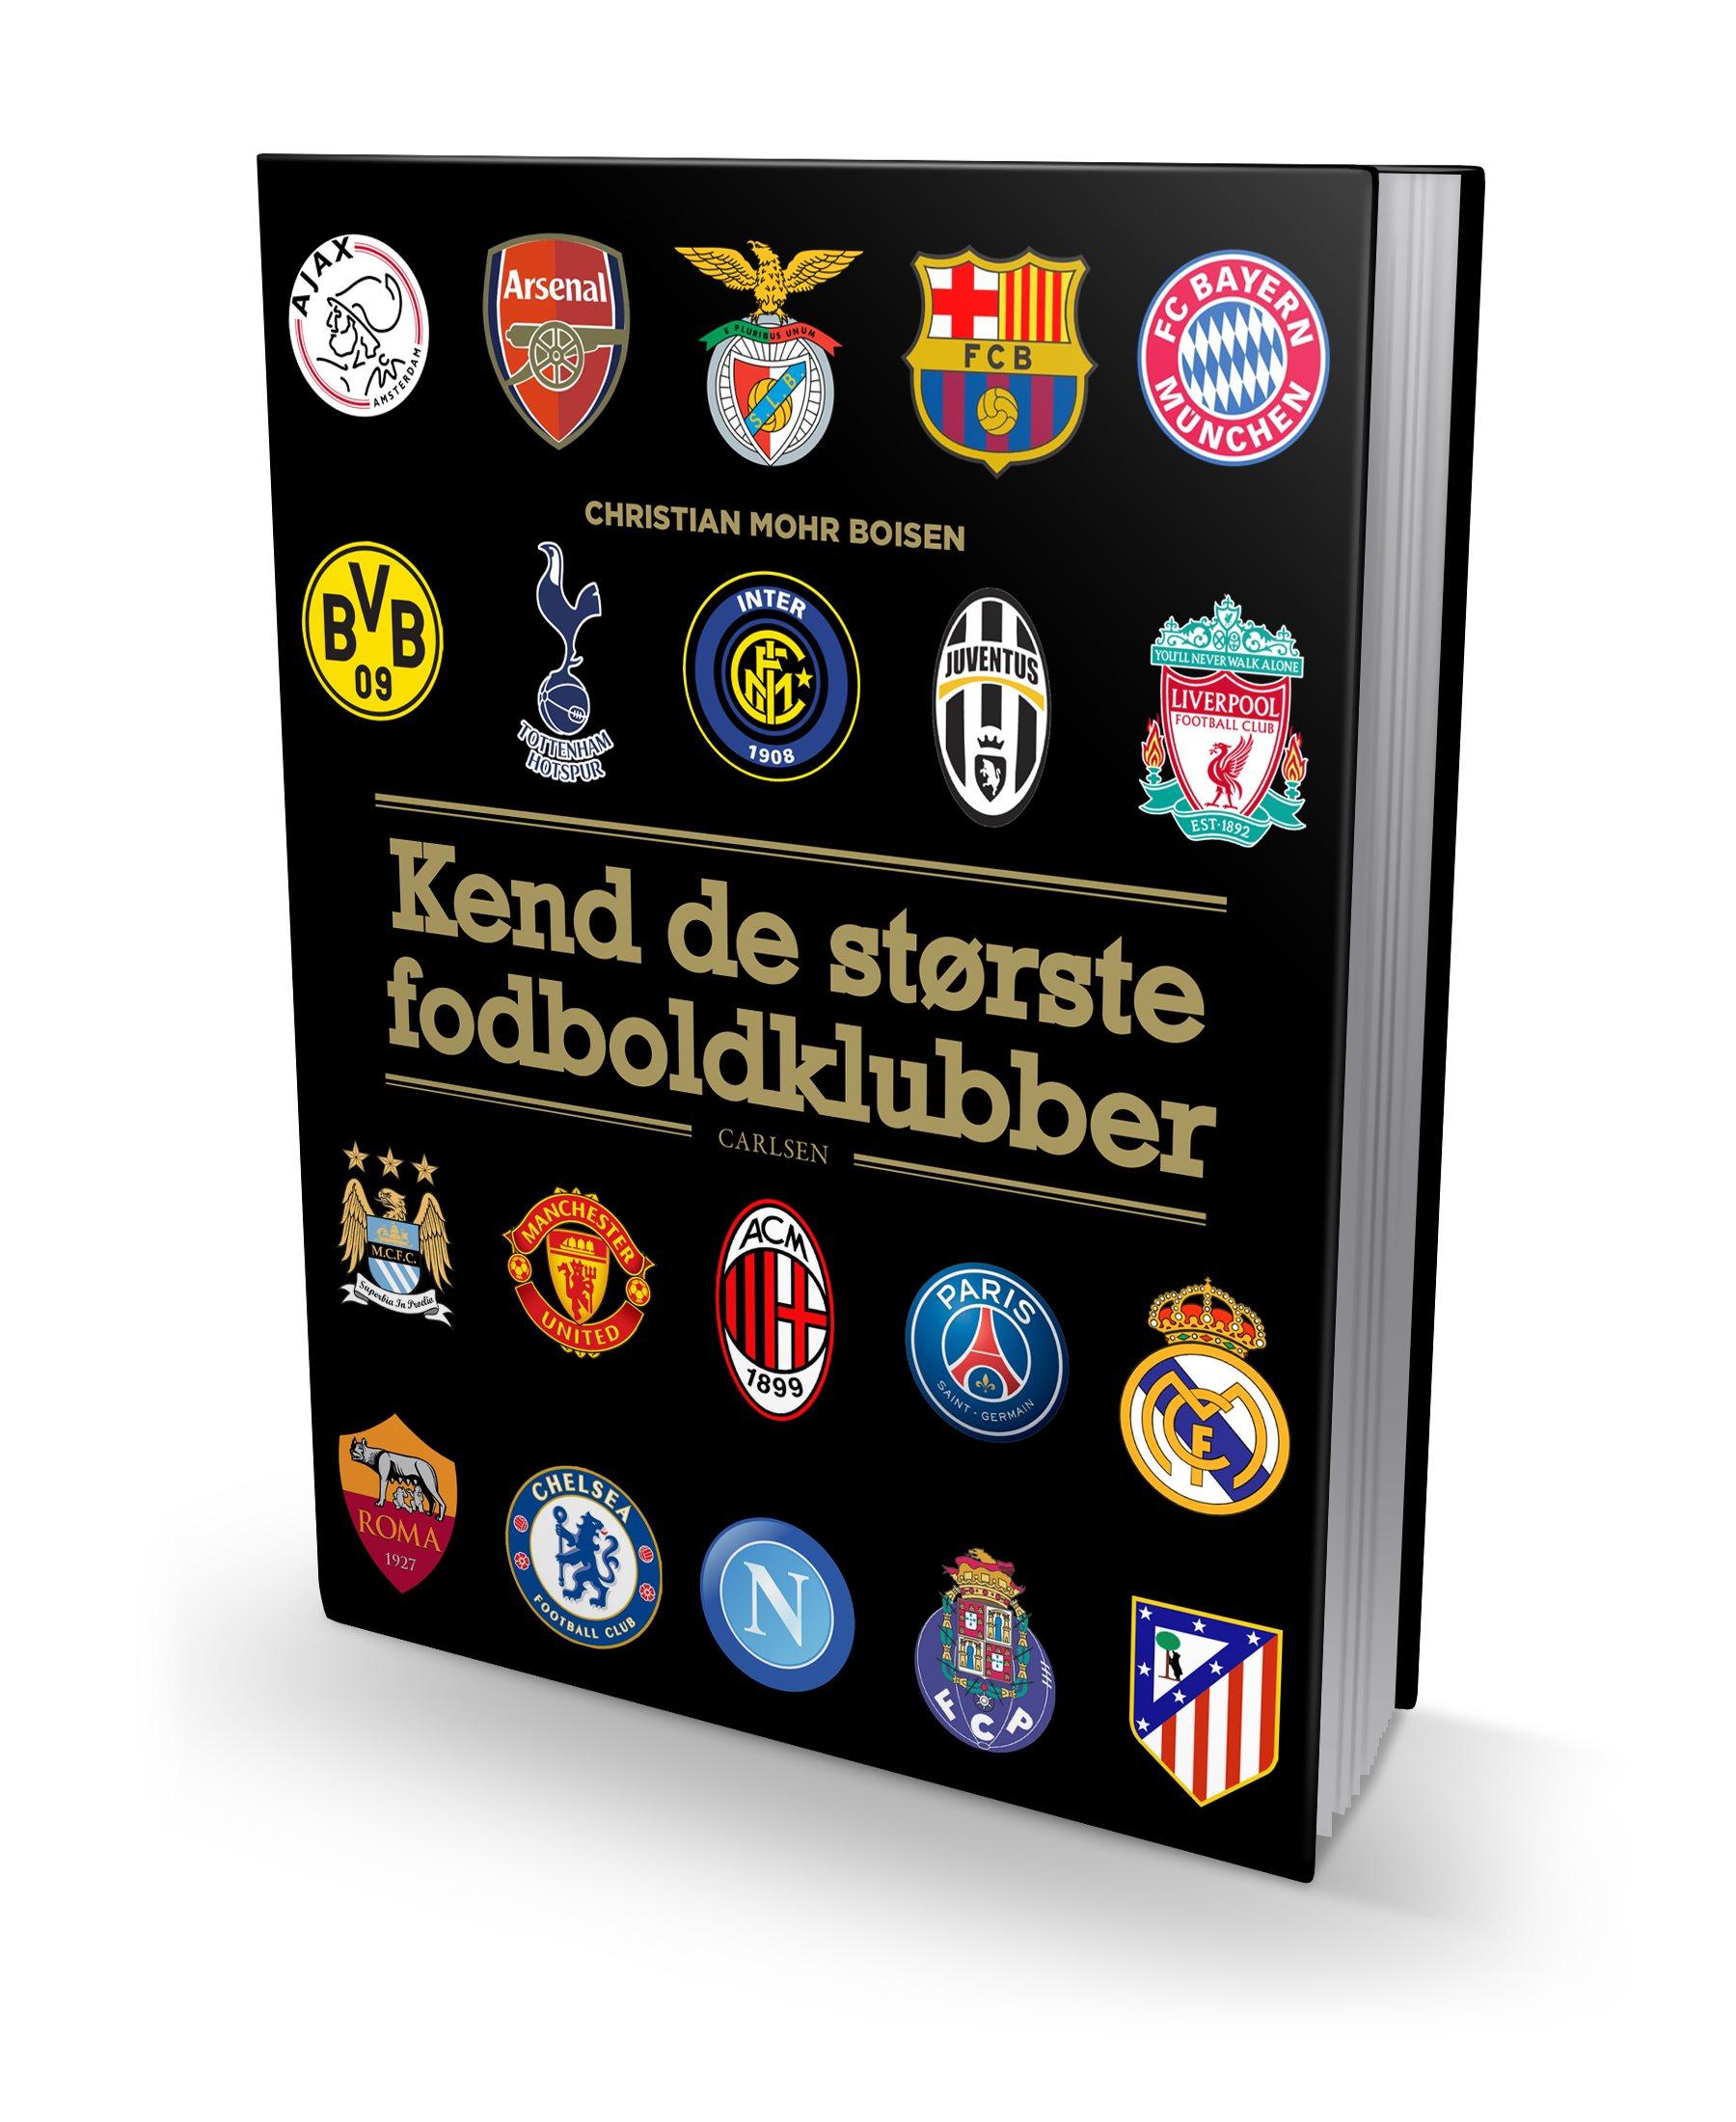 De største danske fodboldspillere, landsholdet, læs med landsholdet, fodbold, fodboldbøger, vm i fodbold, kend de største fodboldklubber, vm